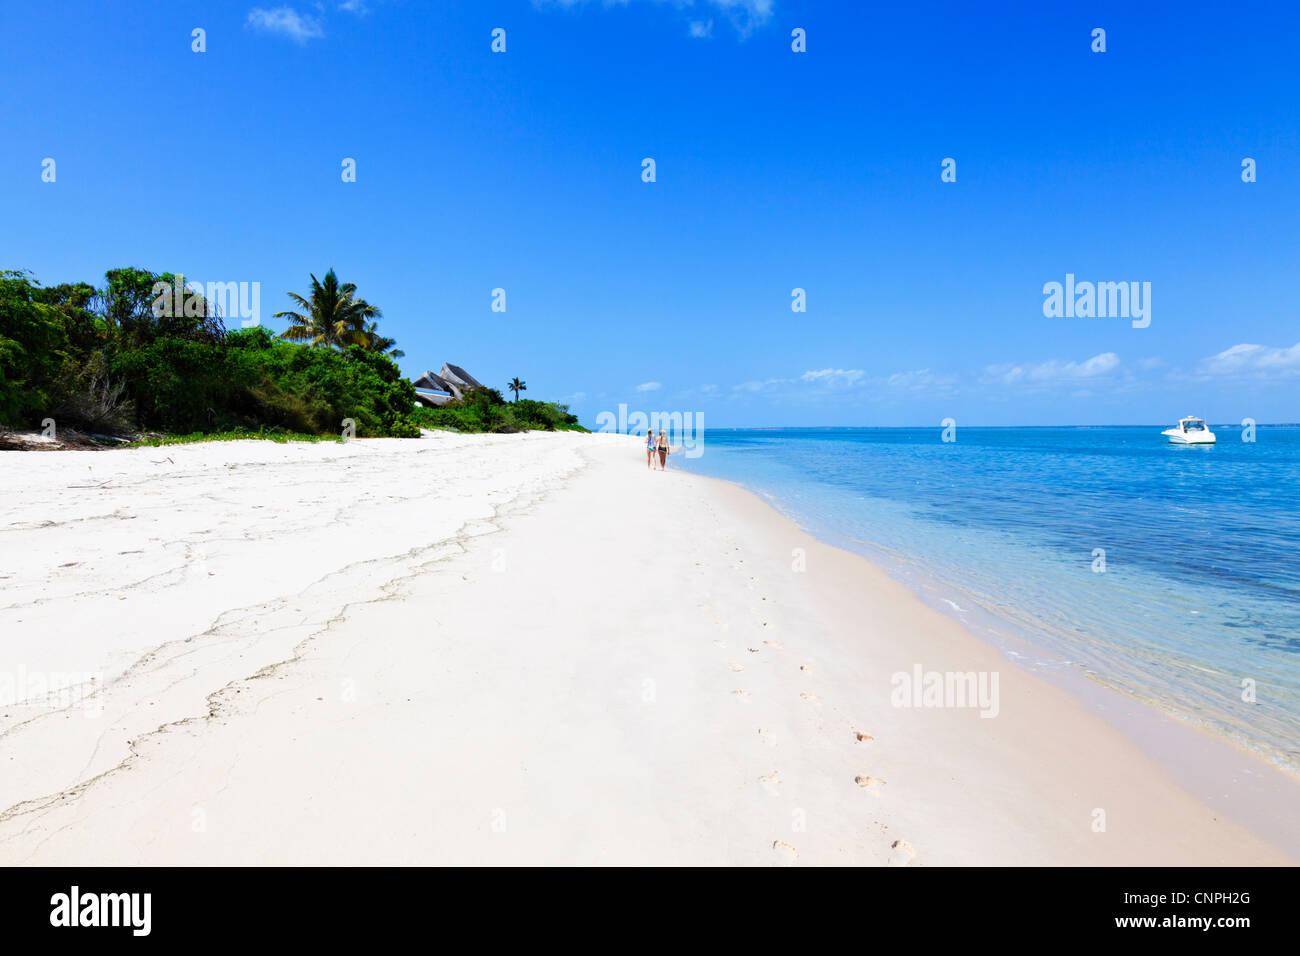 La Marche des femmes sur la plage de l'île dans l'archipel au Mozambique. Photo Stock